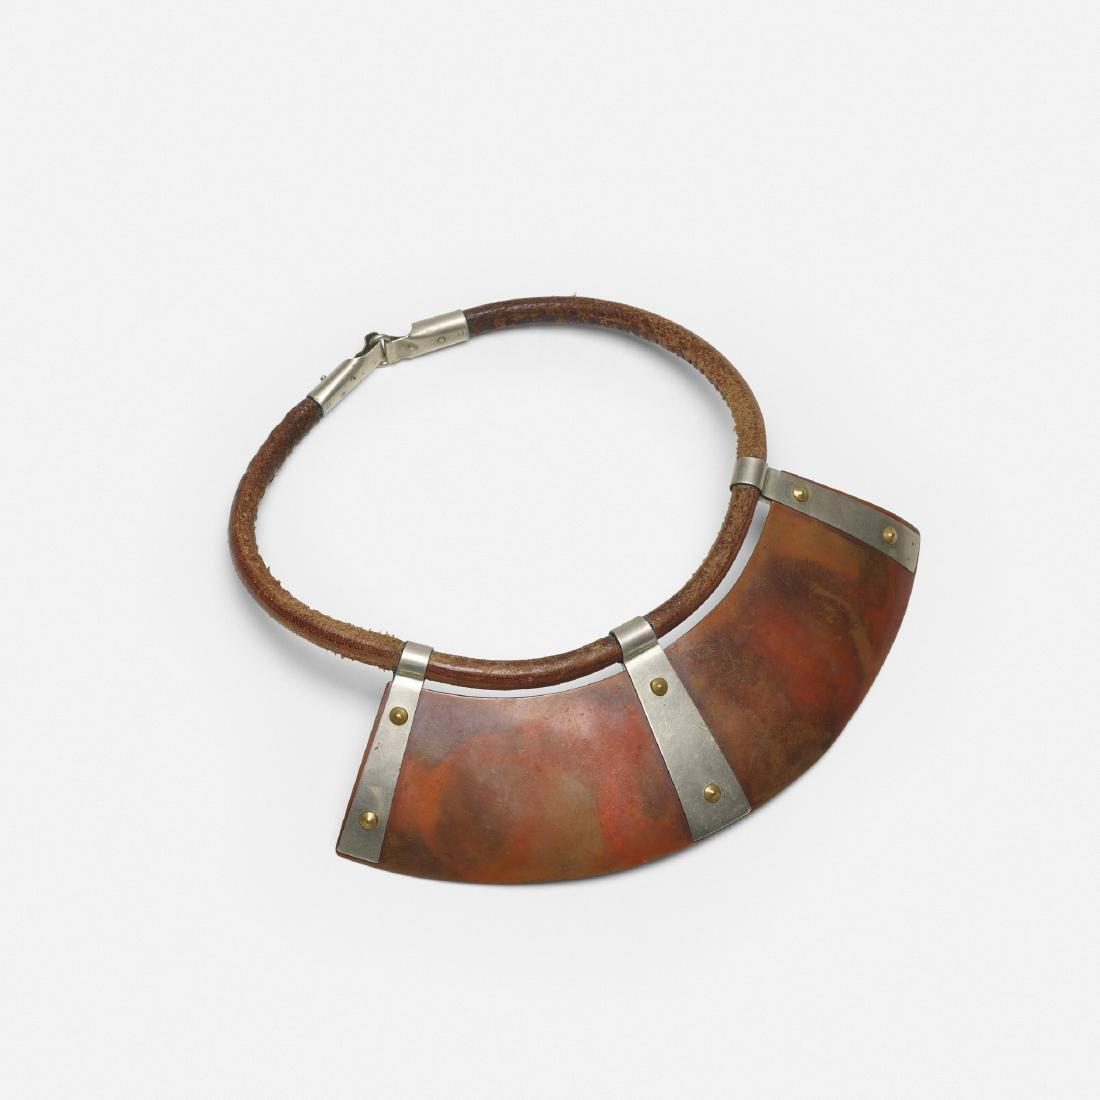 Wiener Werkstatte, Rare necklace